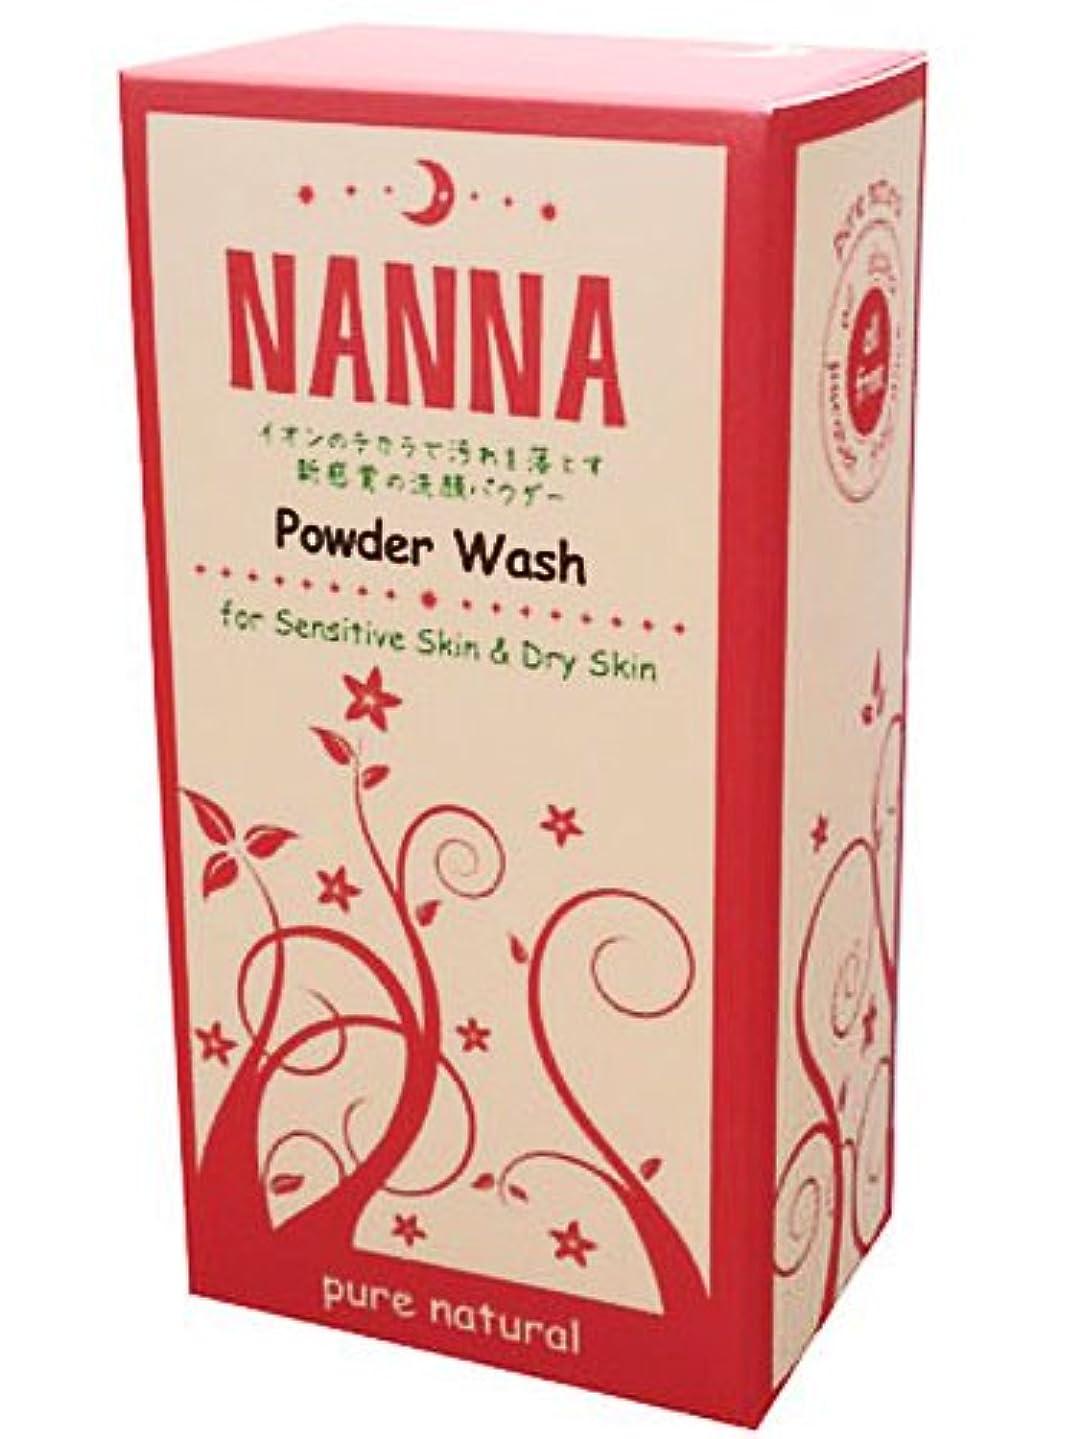 そこ喜びクリエイティブナンナ パウダー洗顔料 パウダーウォッシュ(1g×30包)